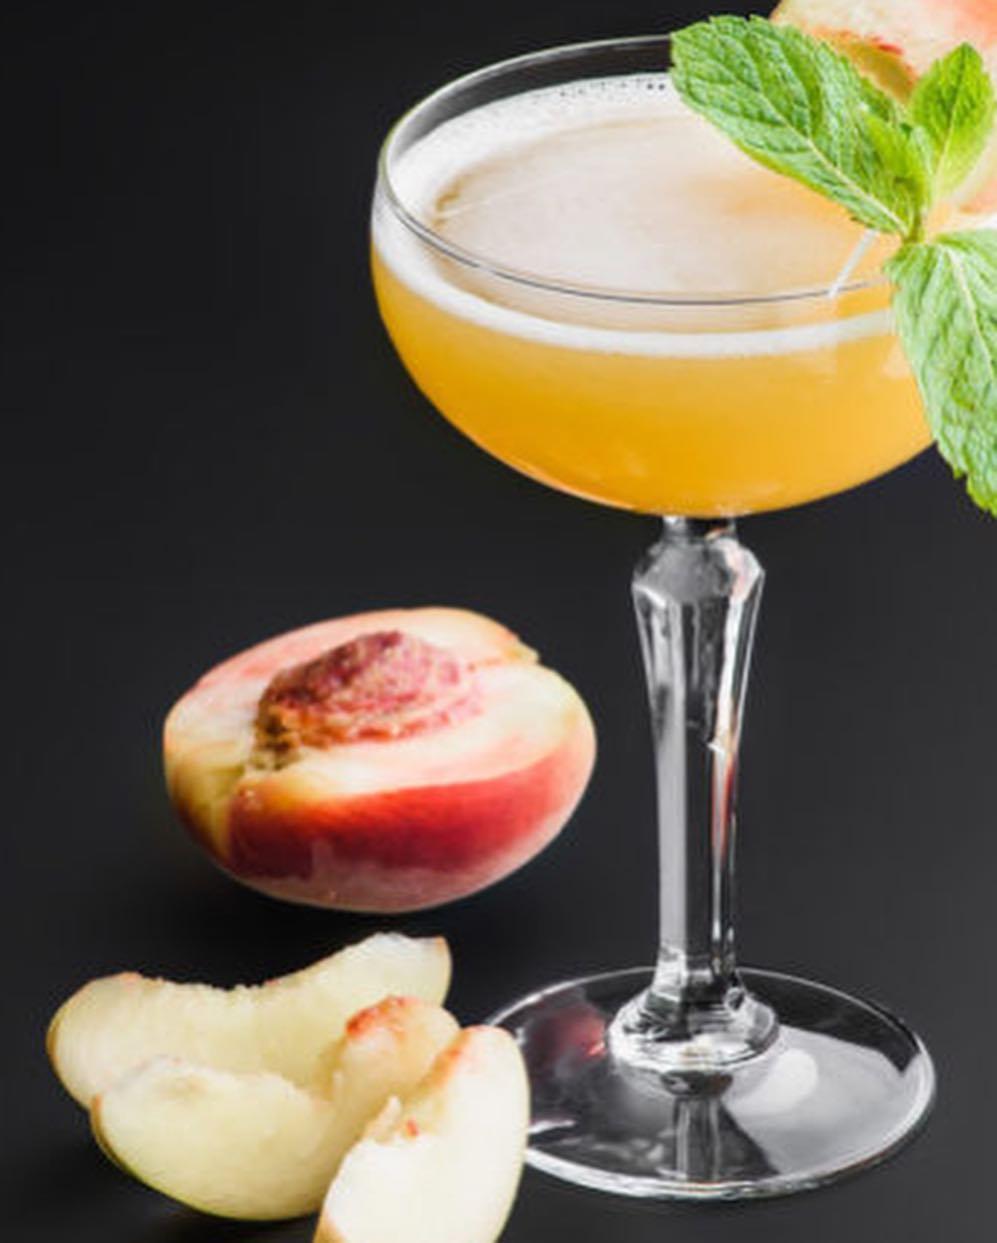 Ідеальний аперитив: три рецепти коктейлів на основі шампанського